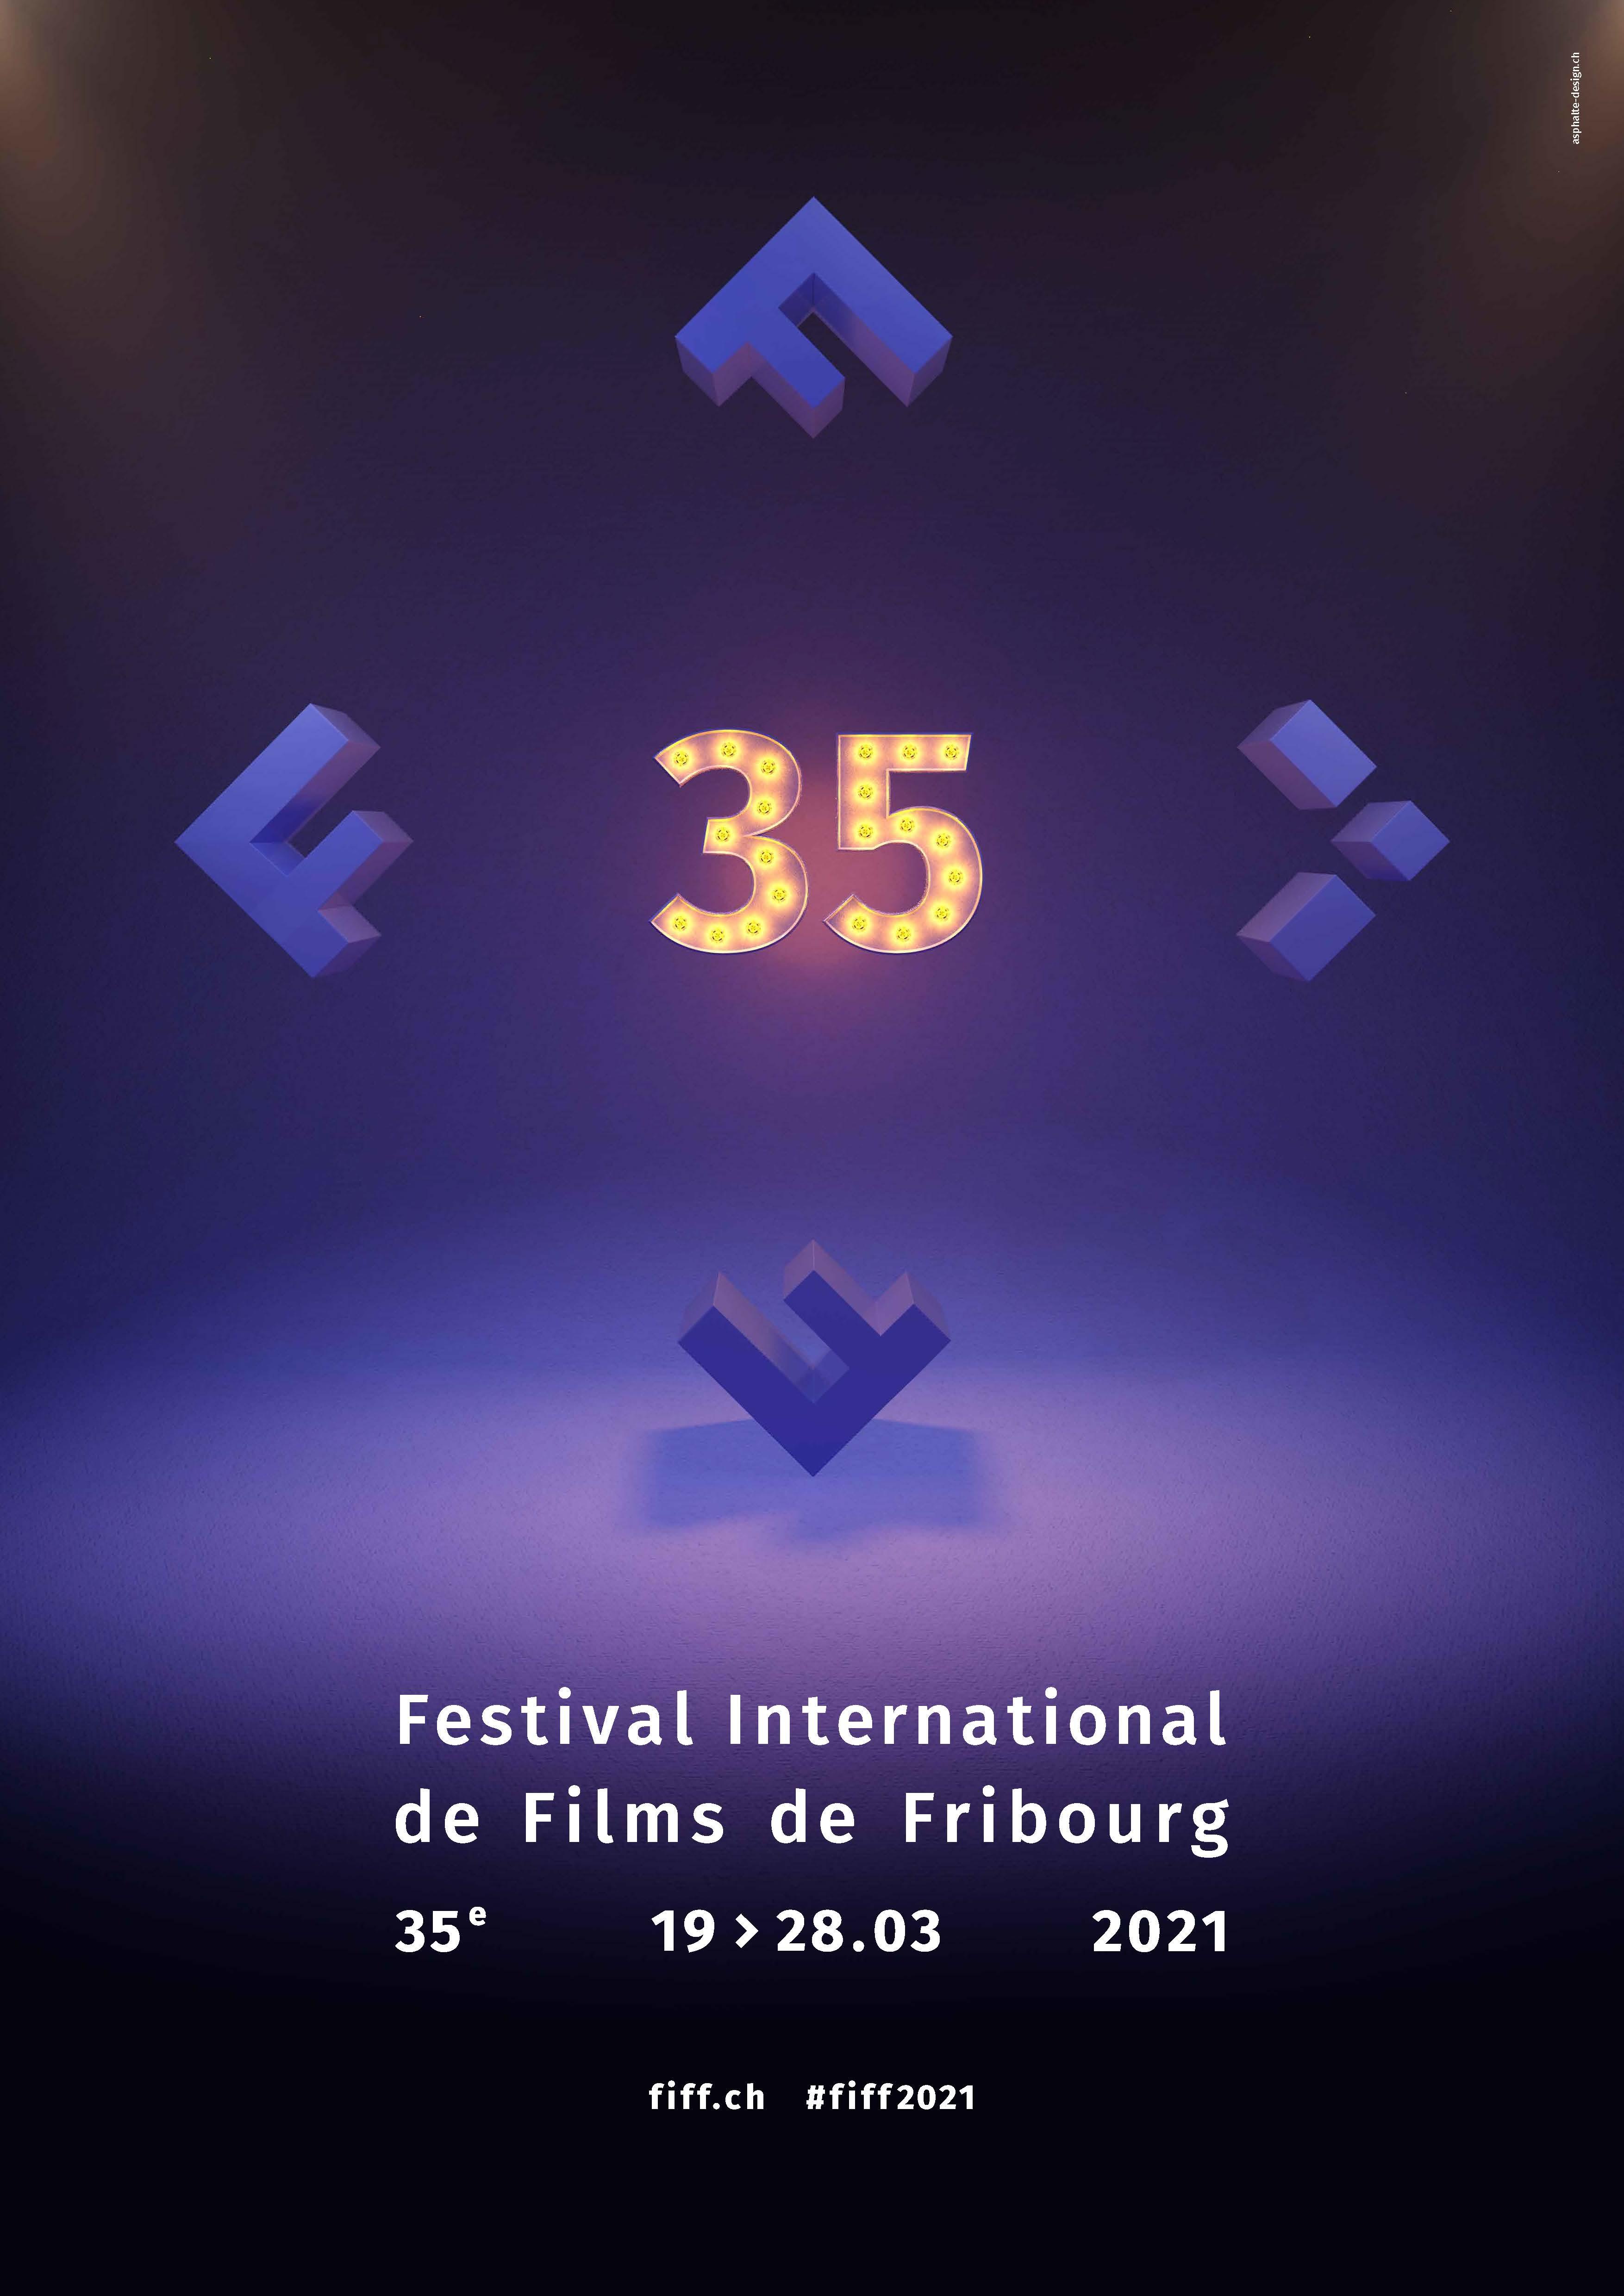 Affiche de la 35e édition du Festival International de Films de Fribourg